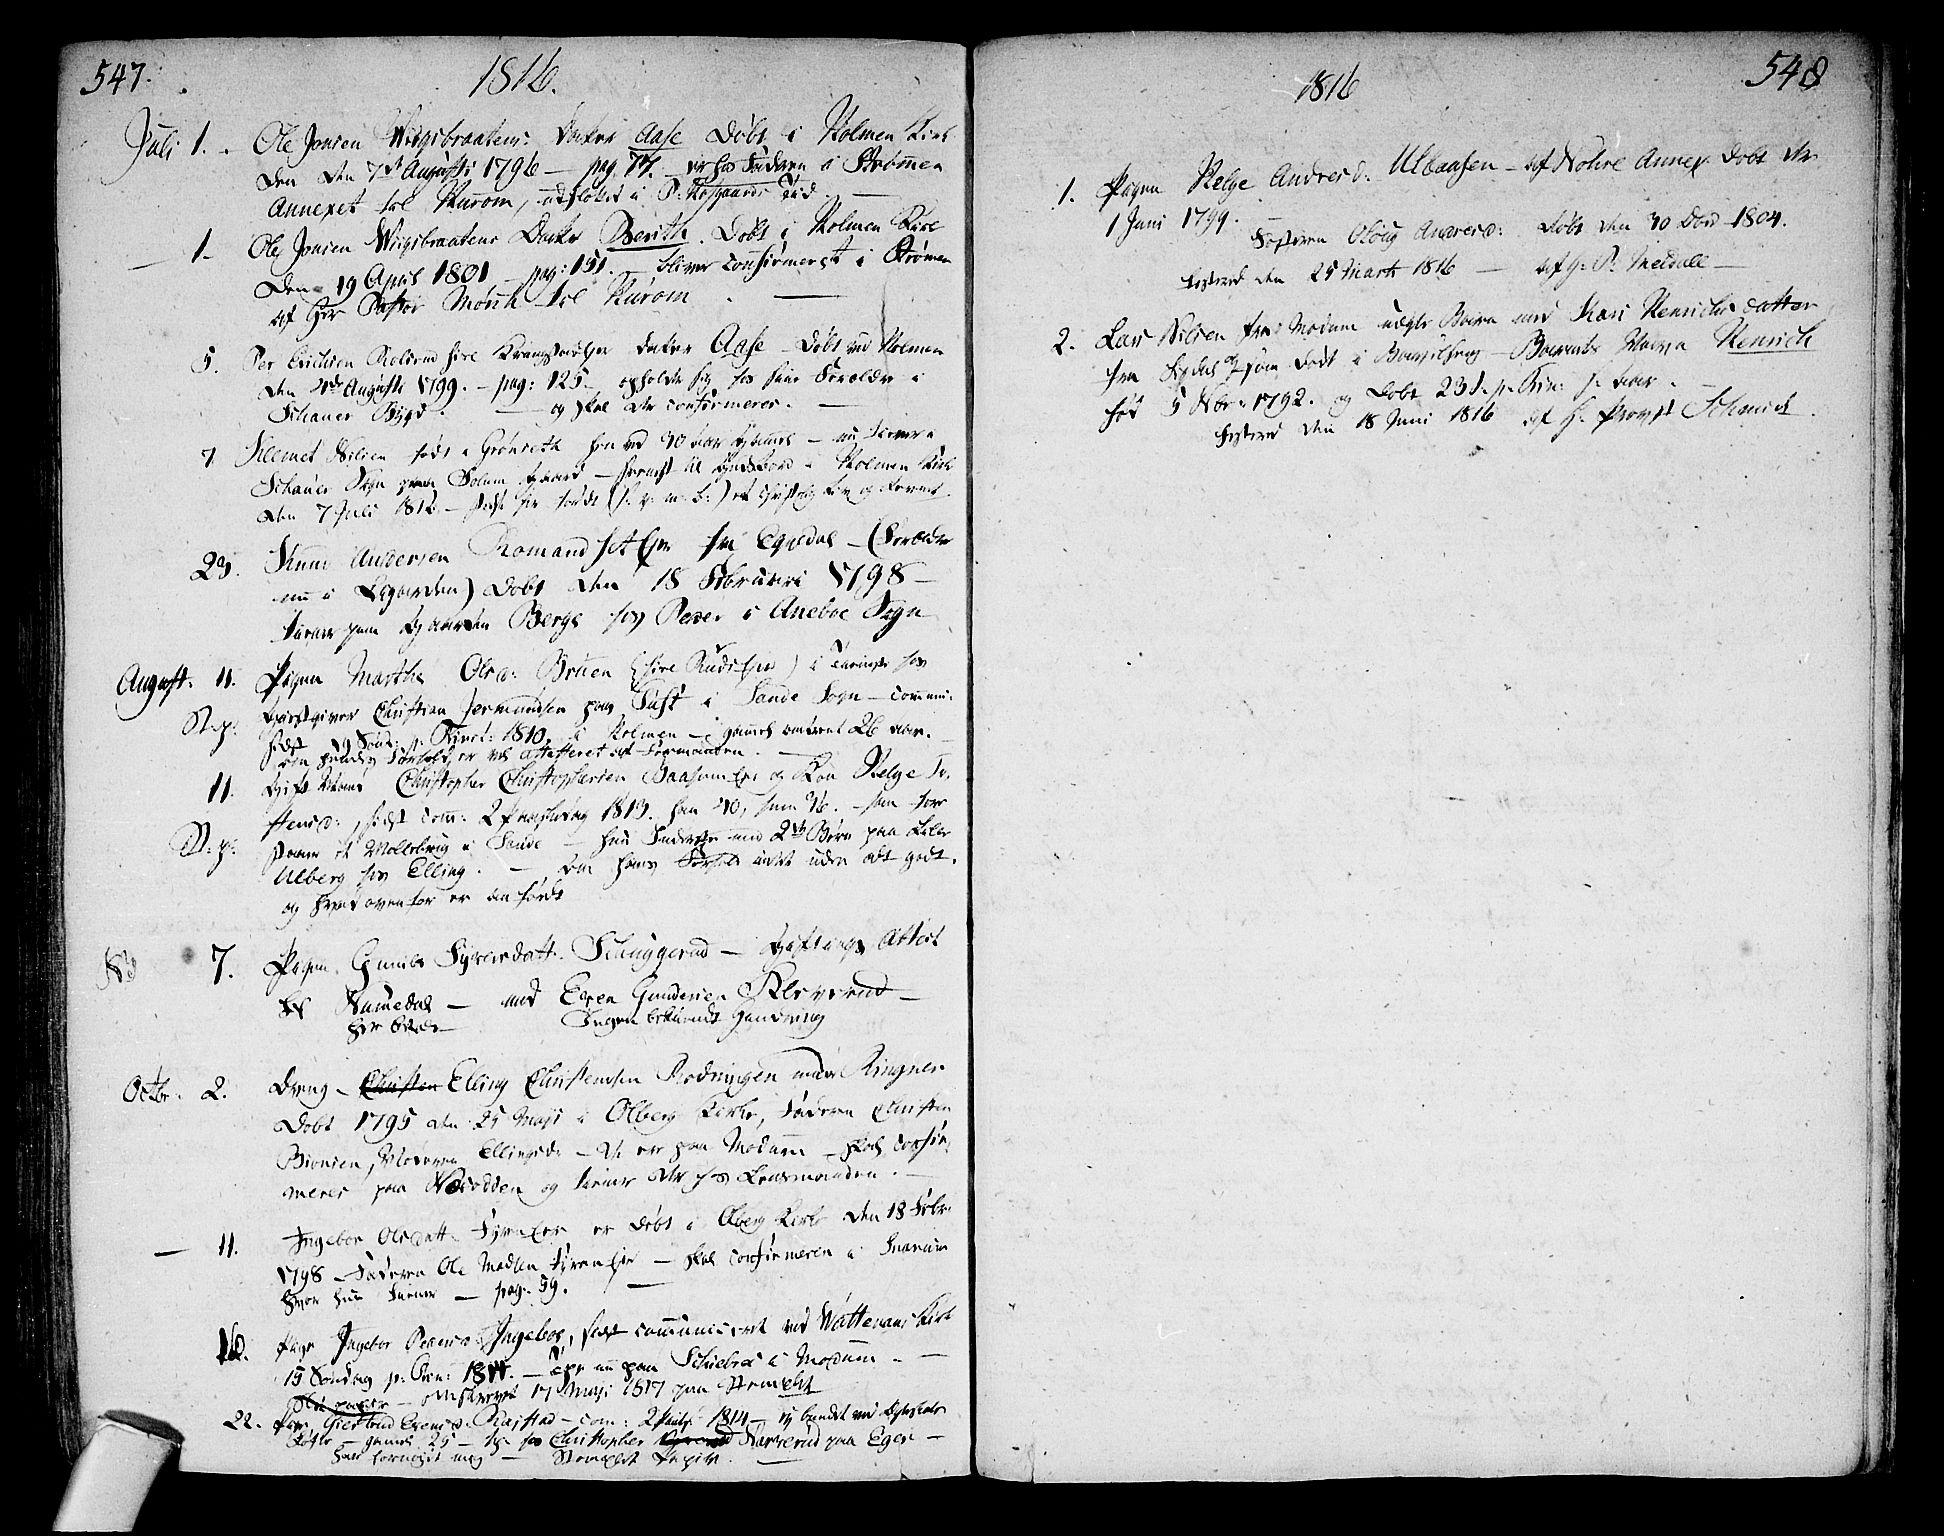 SAKO, Sigdal kirkebøker, F/Fa/L0003: Ministerialbok nr. I 3, 1793-1811, s. 547-548